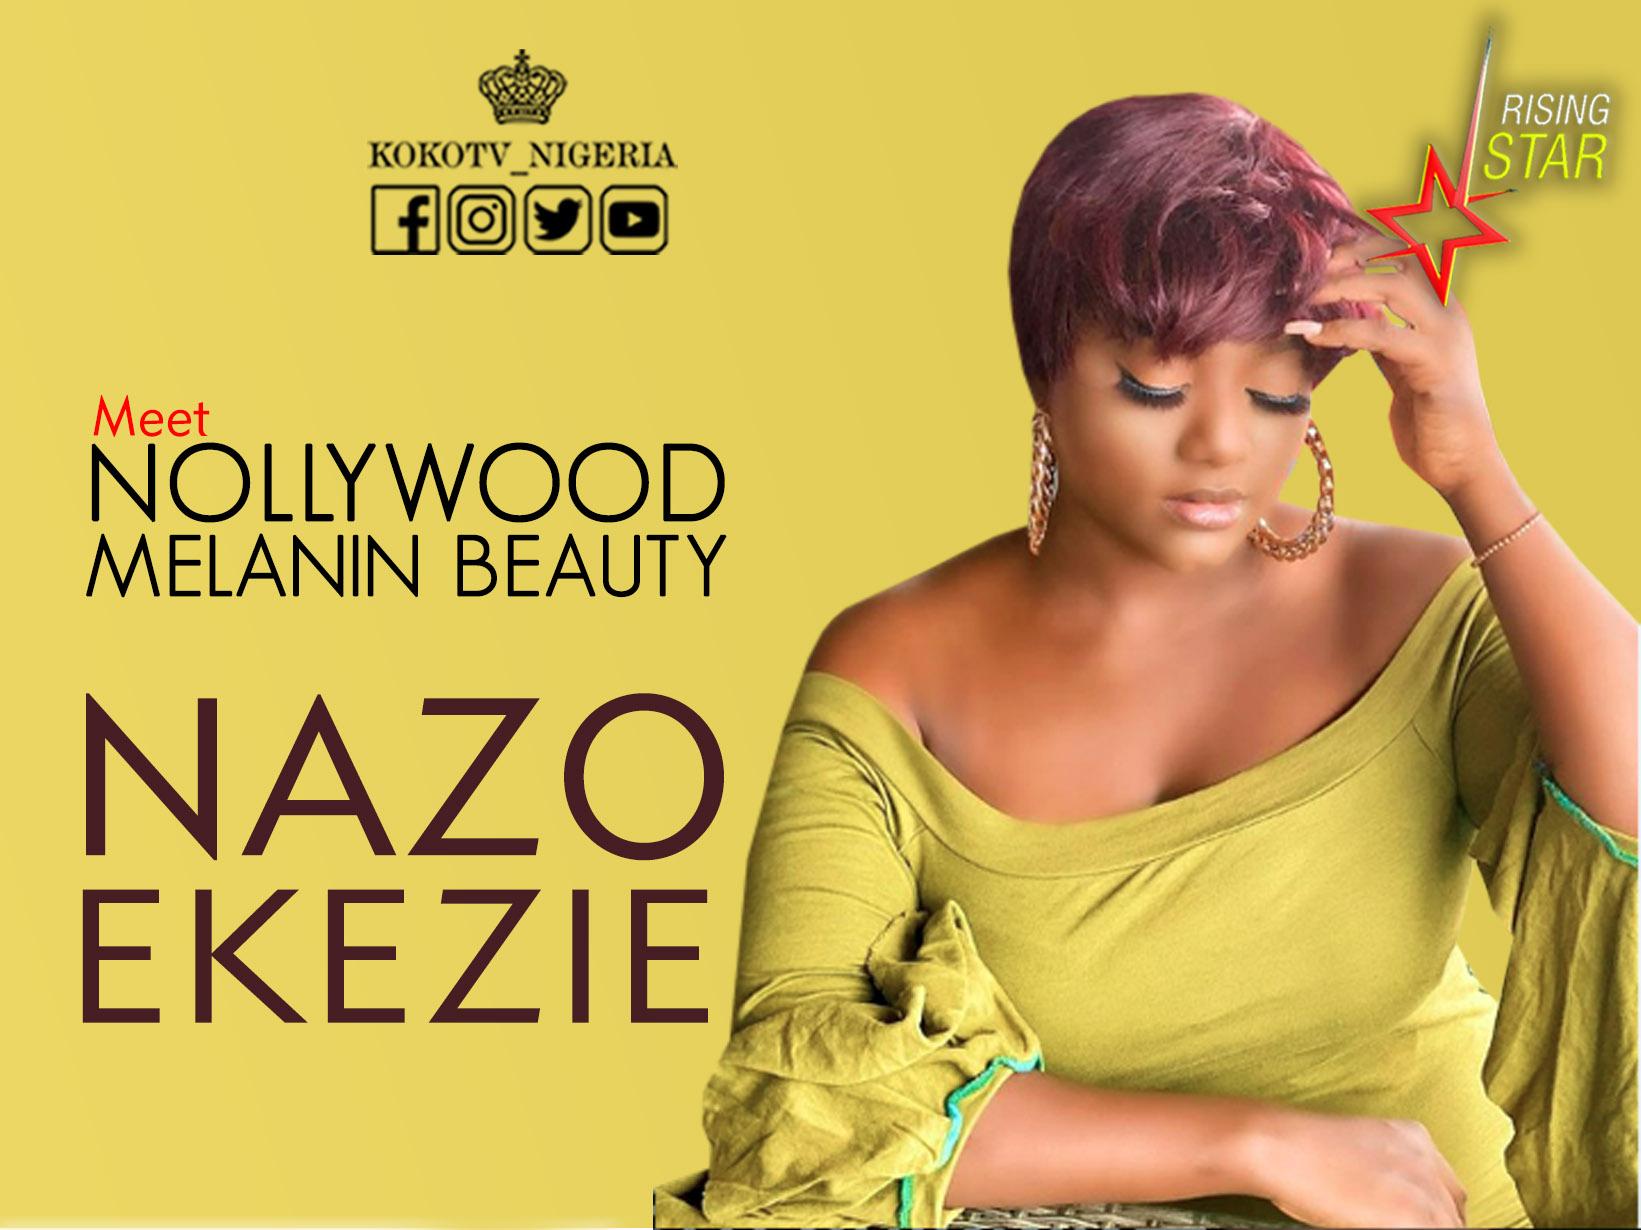 Rising Star: Meet Nollywood Melanin Beauty Nazo Ekezie